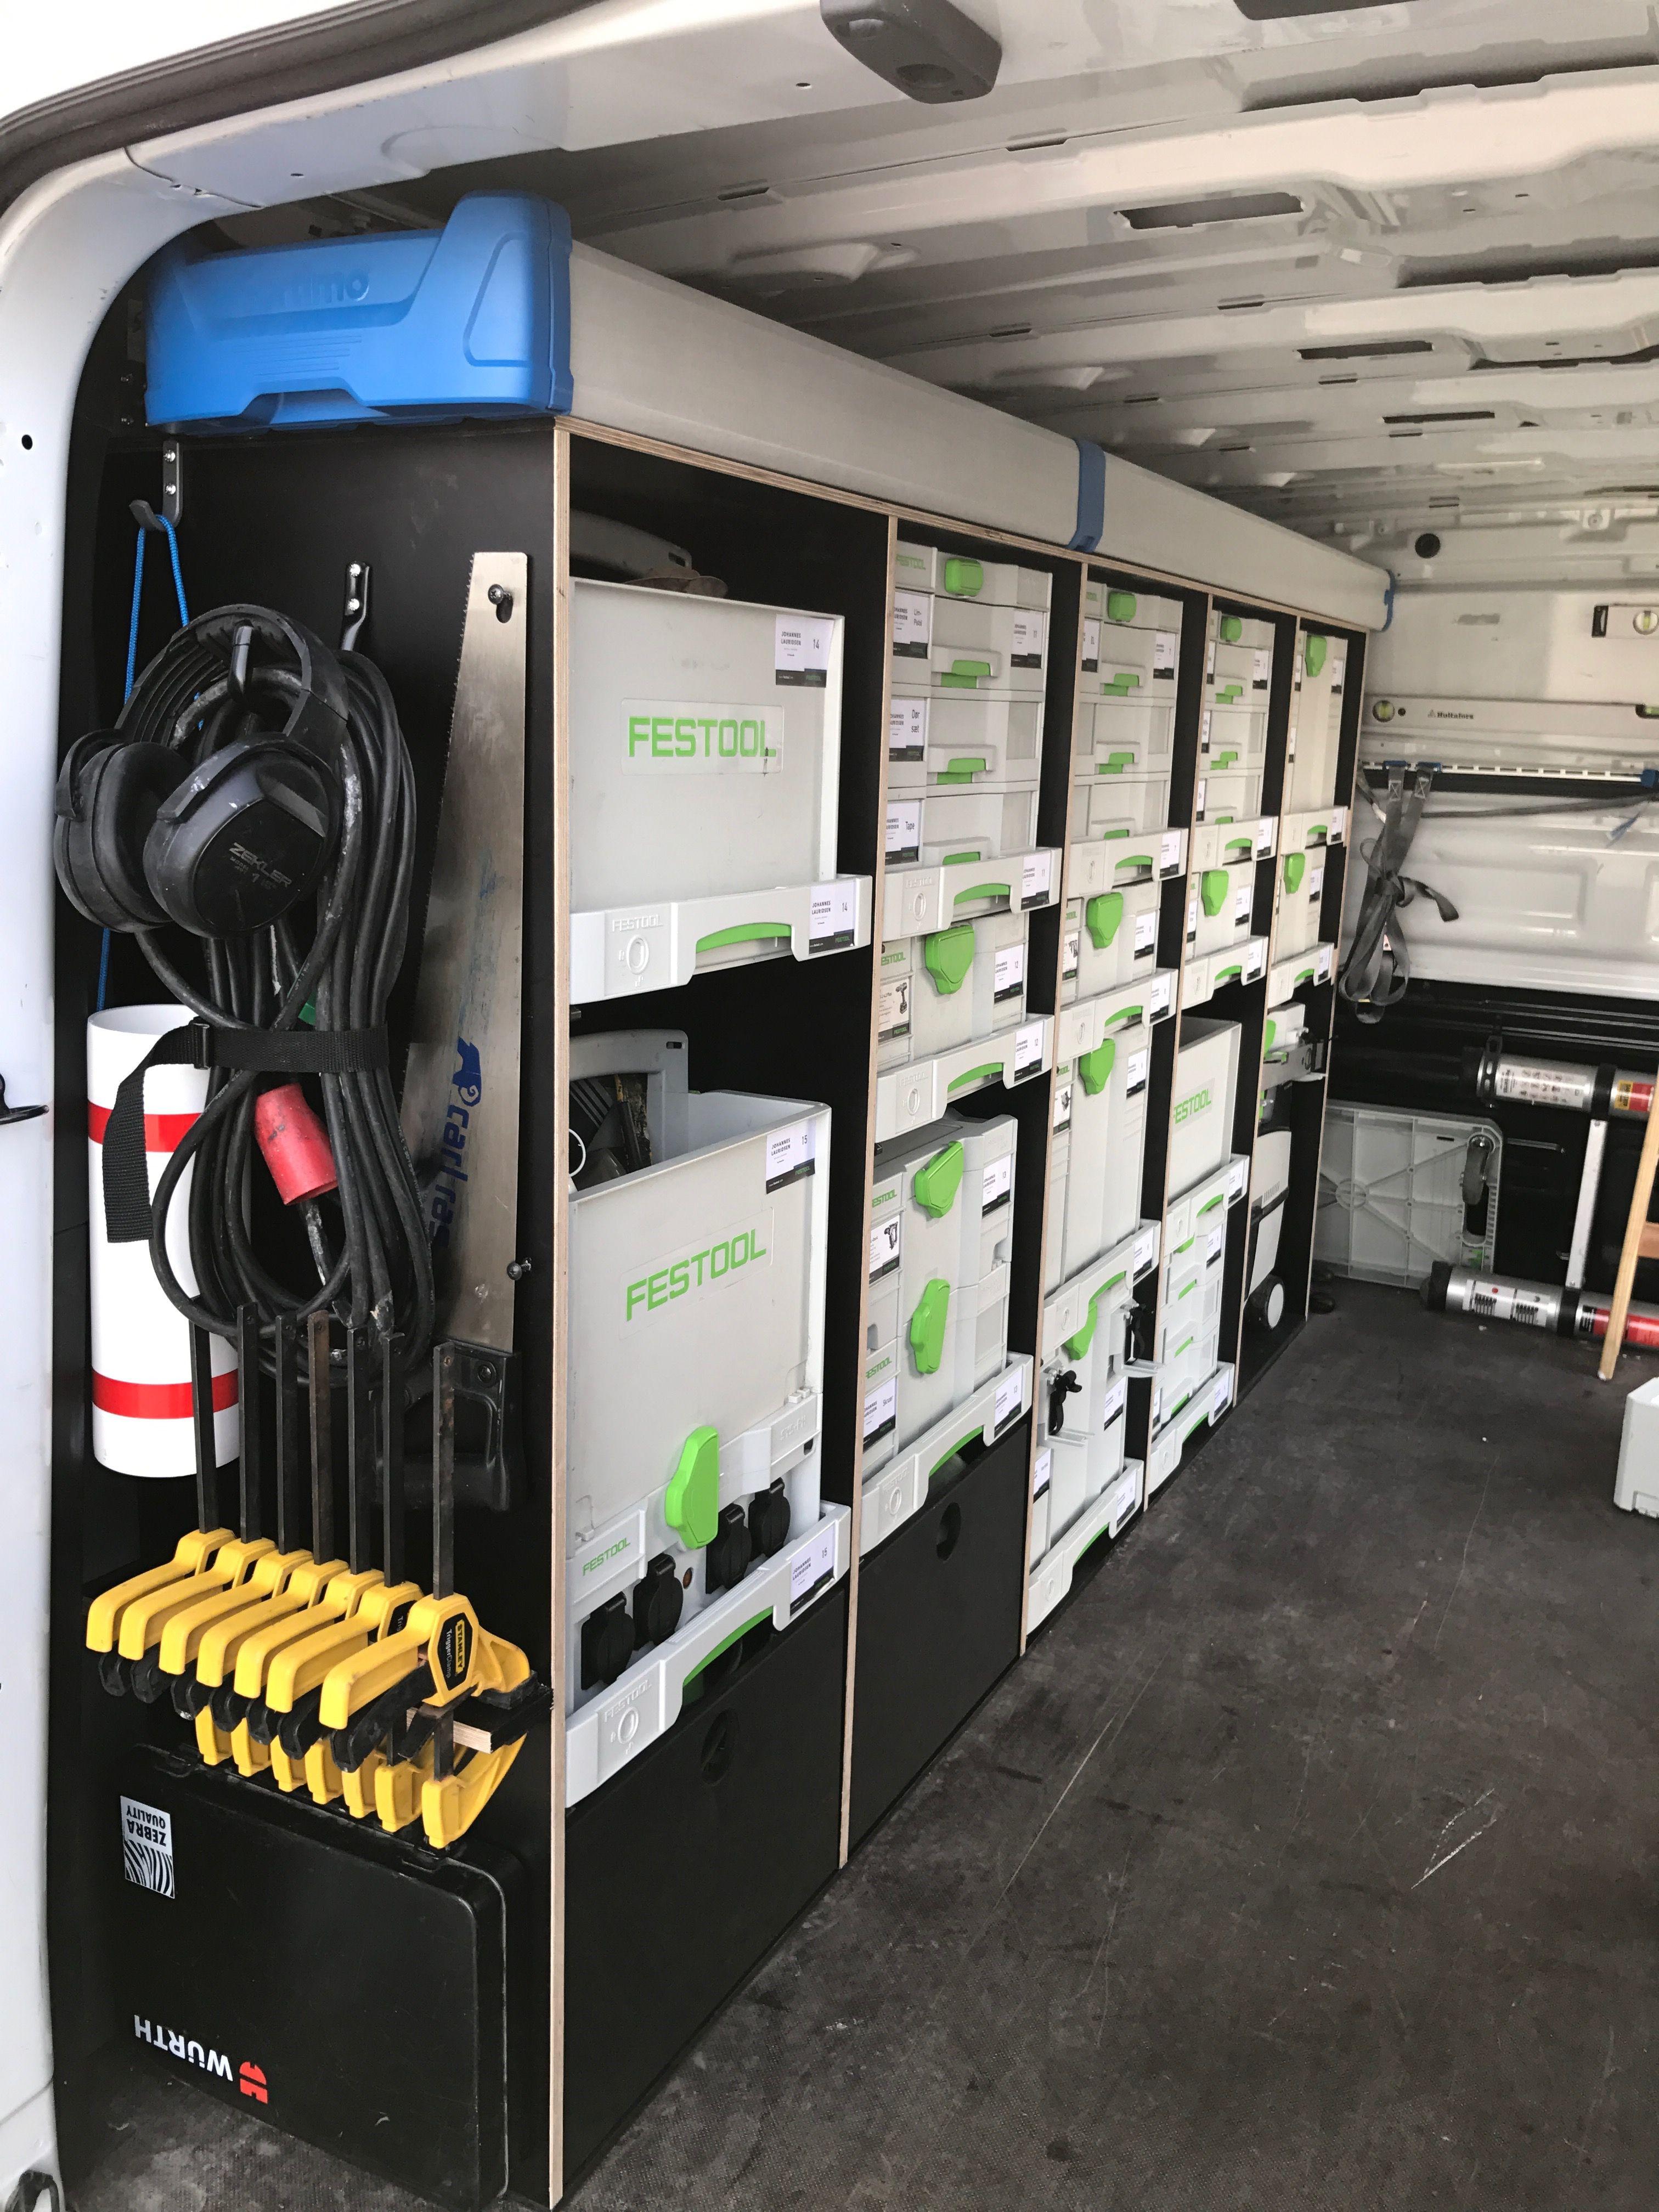 Sortimo Festool Van Racking Sysport Van Racking In 2019